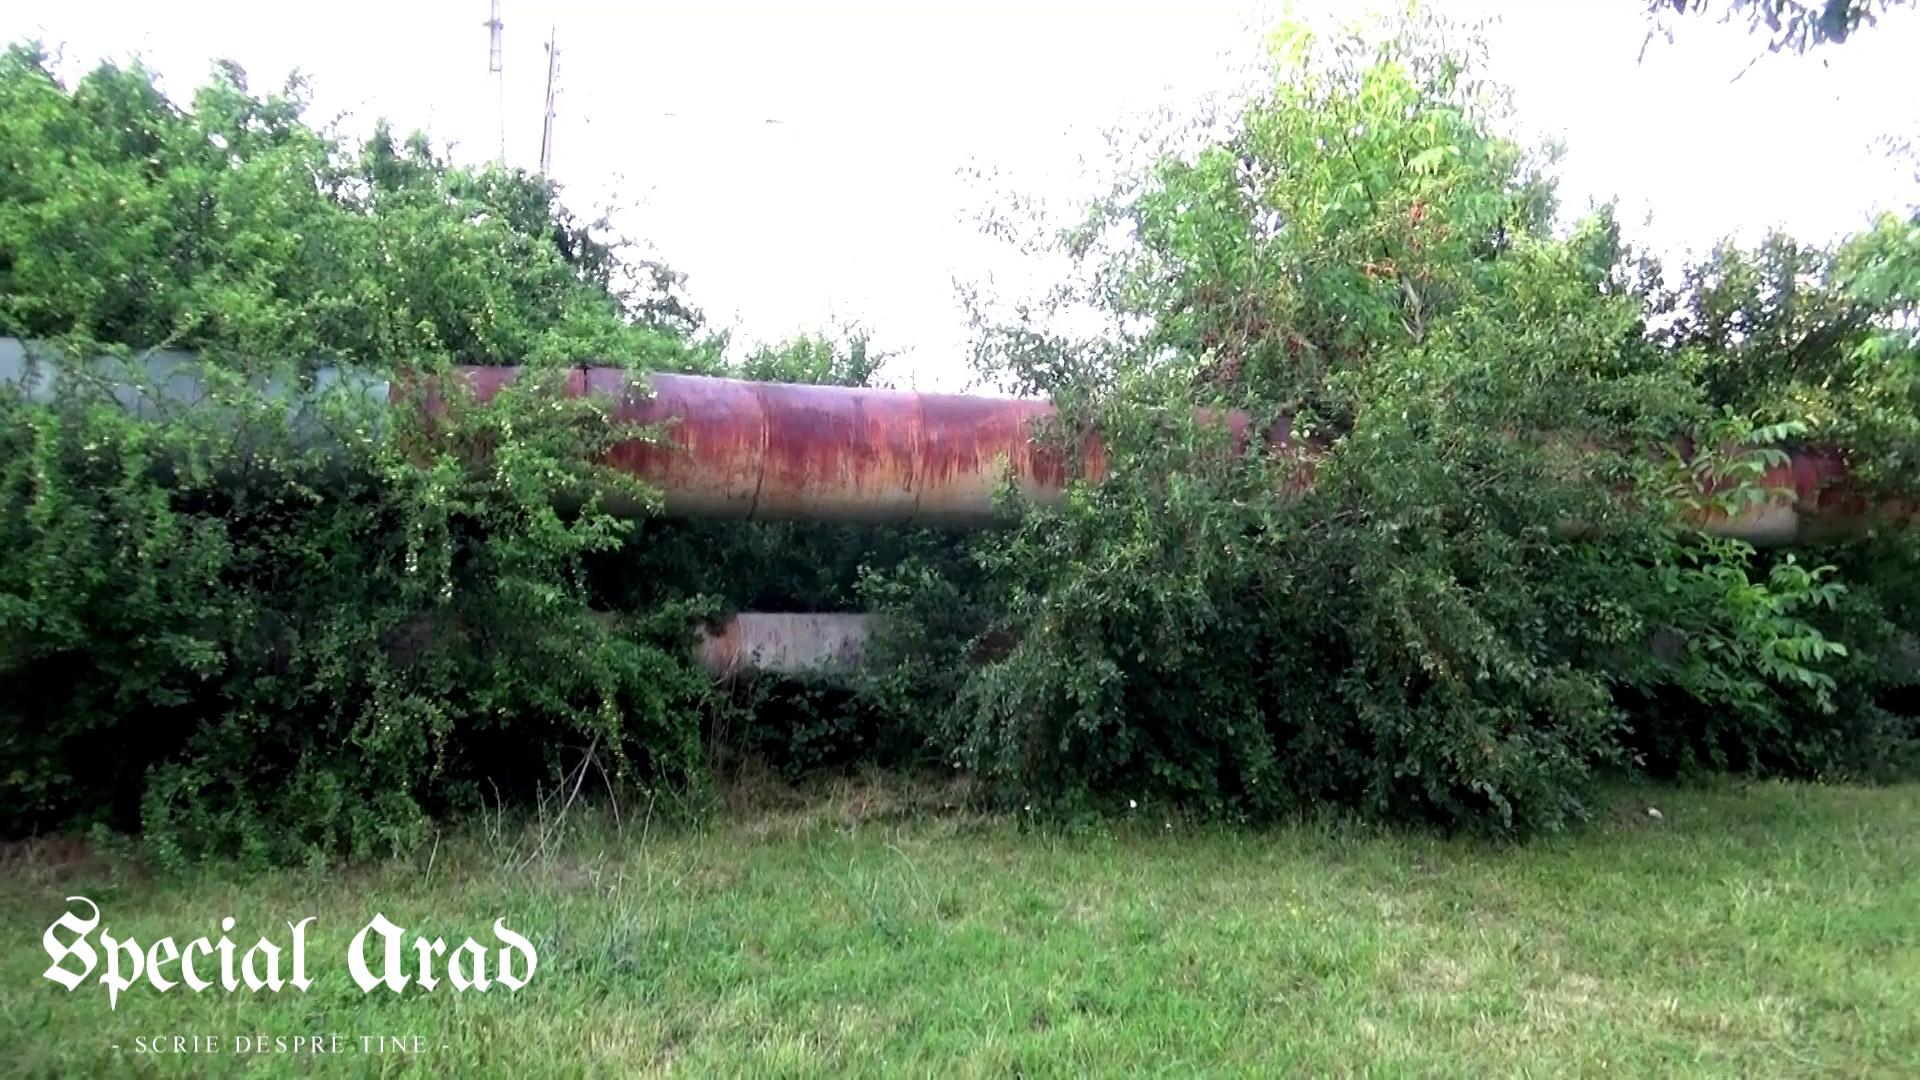 vlcsnap-2014-06-26-22h21m43s49